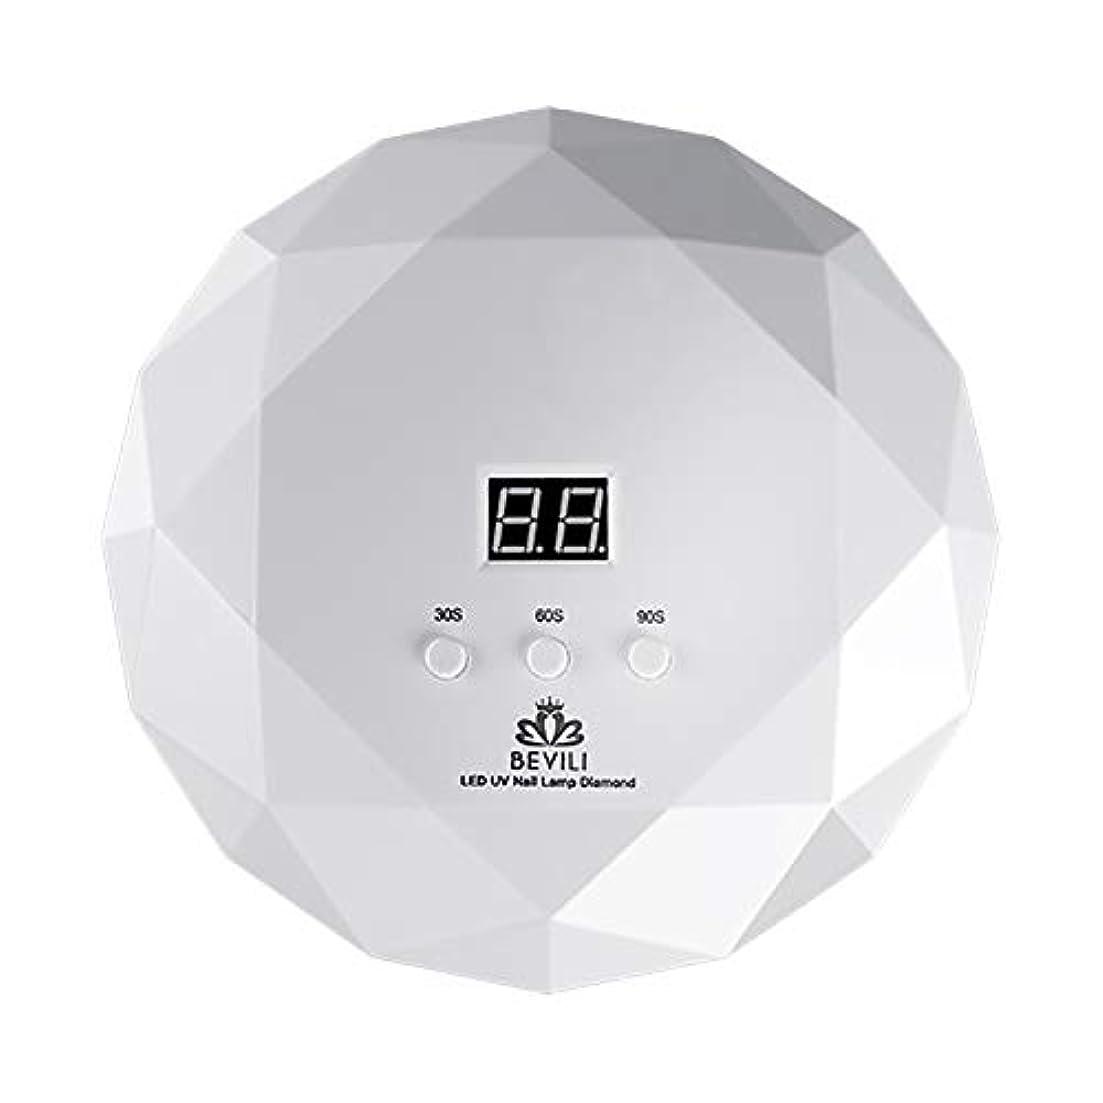 囲まれた鋼クラスLITI LEDネイルドライヤー UVネイルライト 36Wハイパワー 自動センサー 3段階タイマー設定 高速硬化ジェルネイルライト UVとLEDダブルライト肌をケア ジェルネイル用 ホワイト